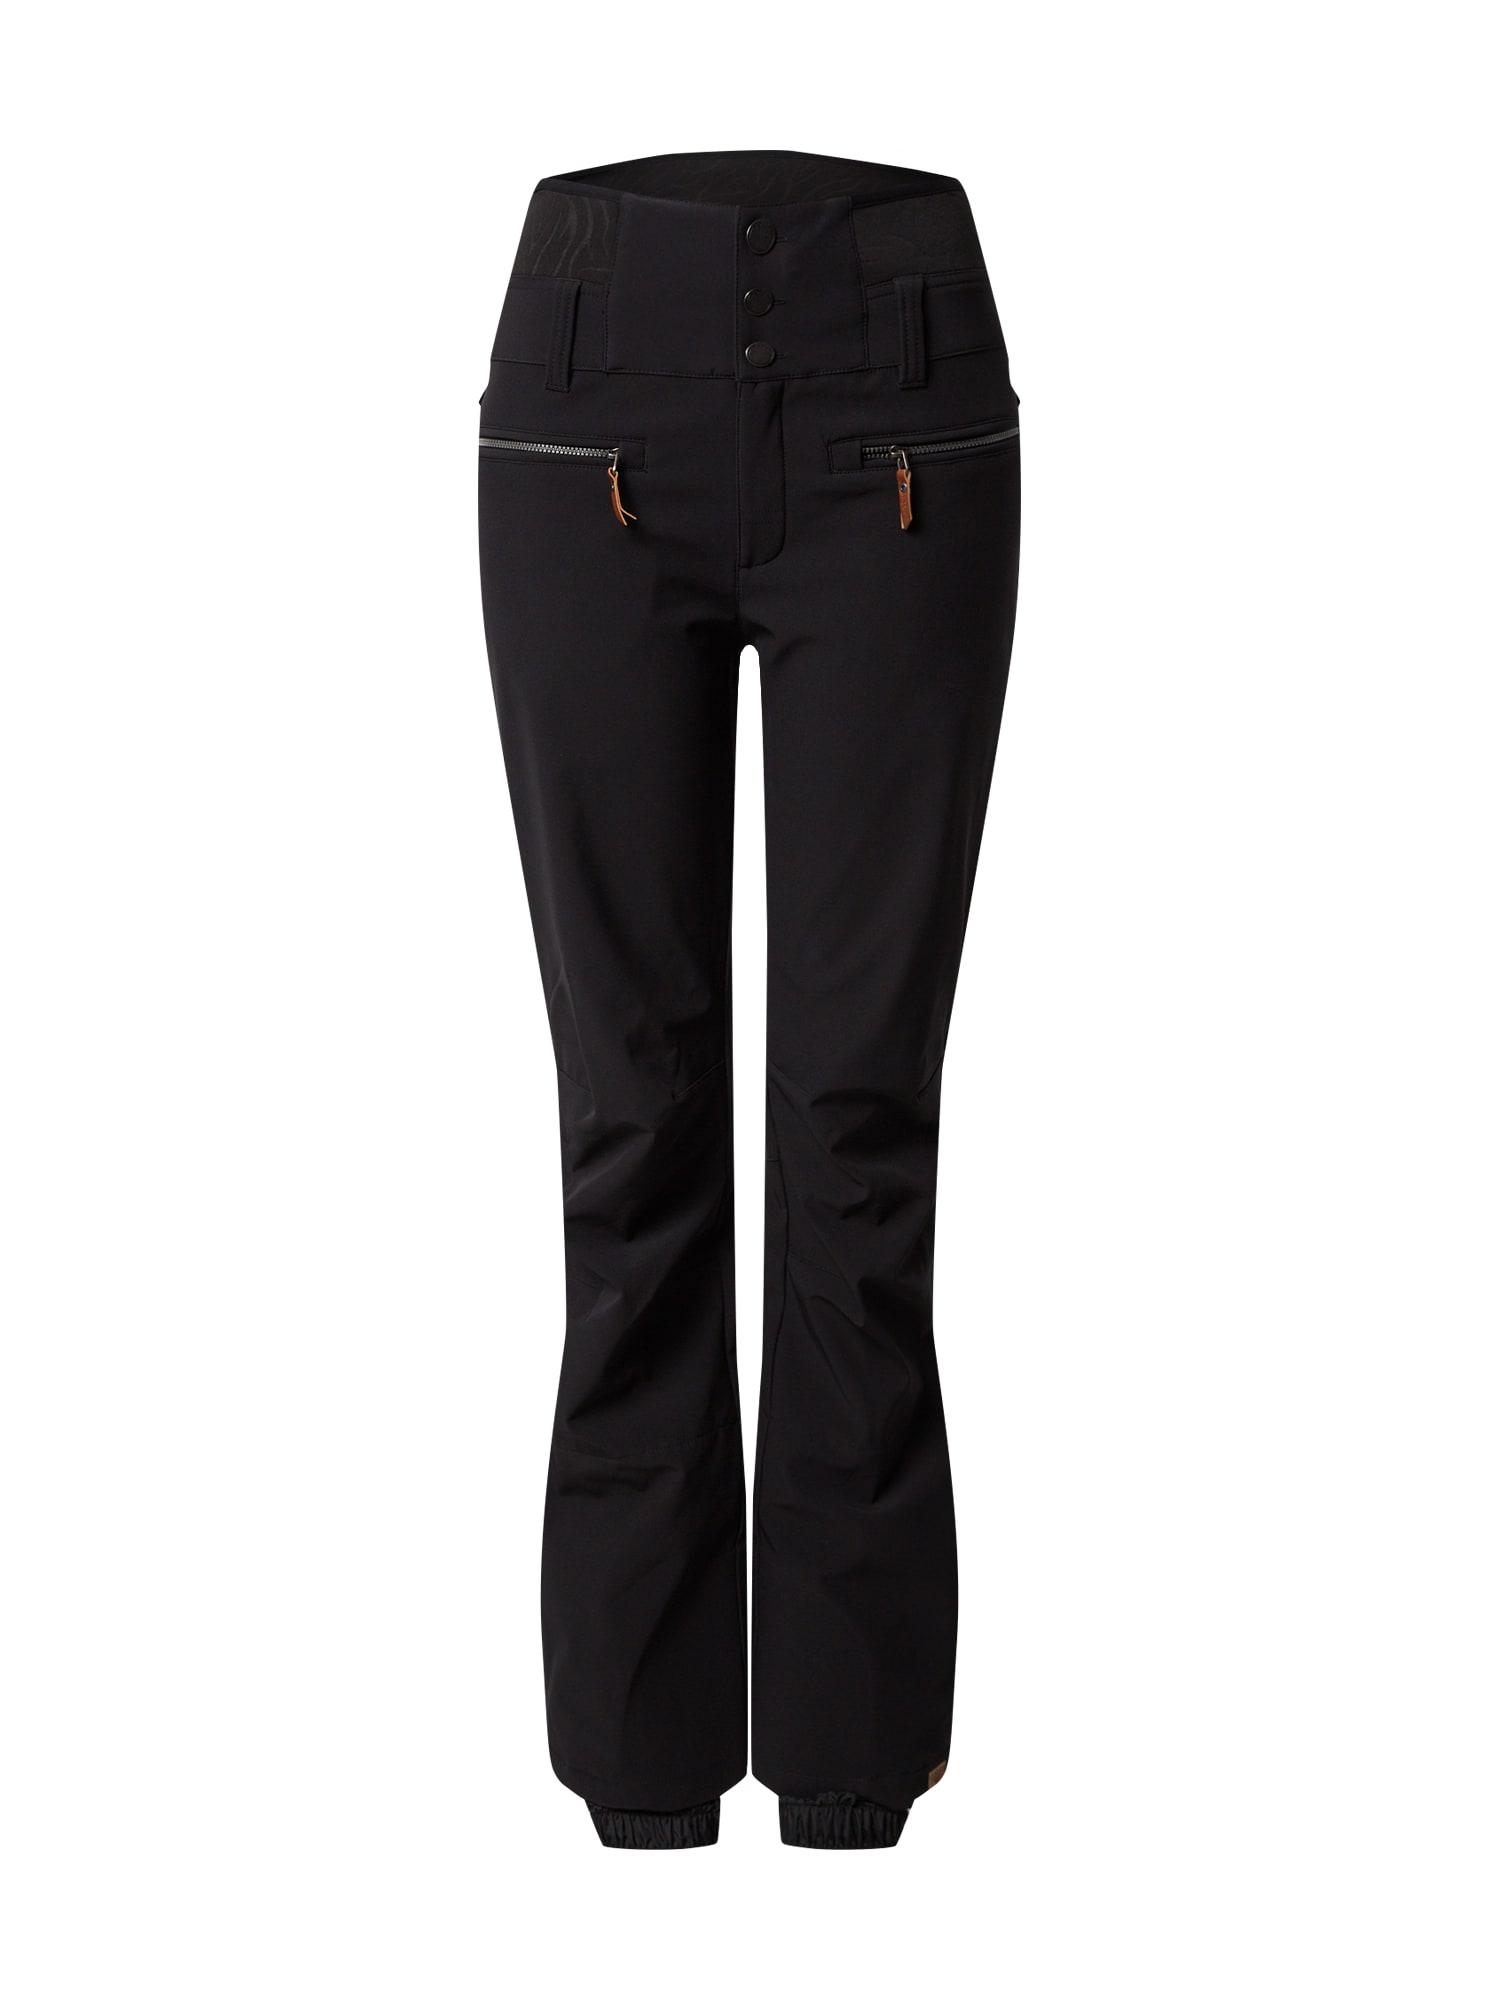 ROXY Funkcinės kelnės 'Rising High' juoda